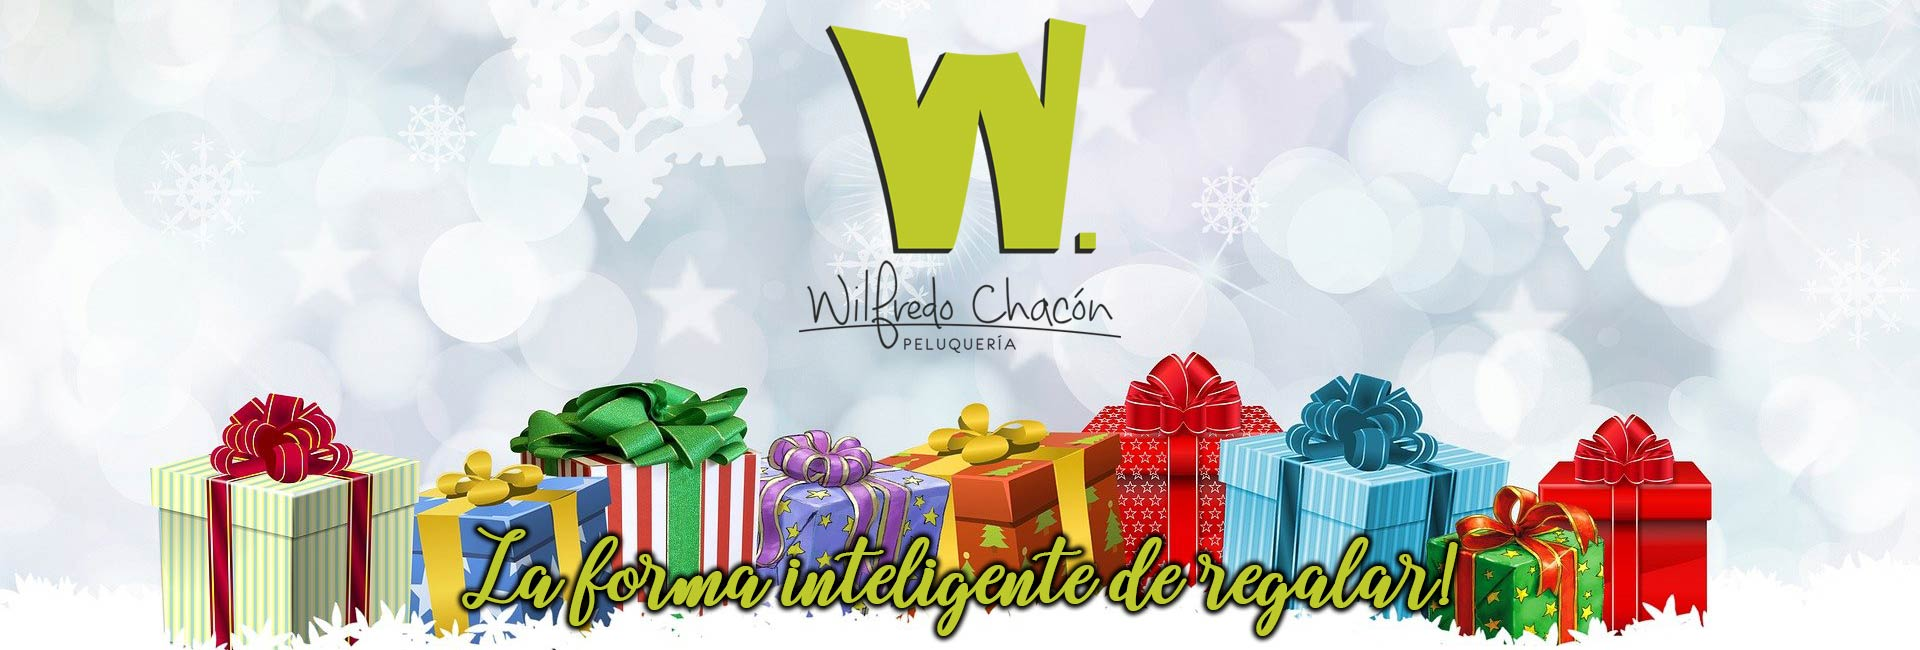 La forma más inteligente de regalar, la encuentras en Wilfredo Chacón Peluquerías